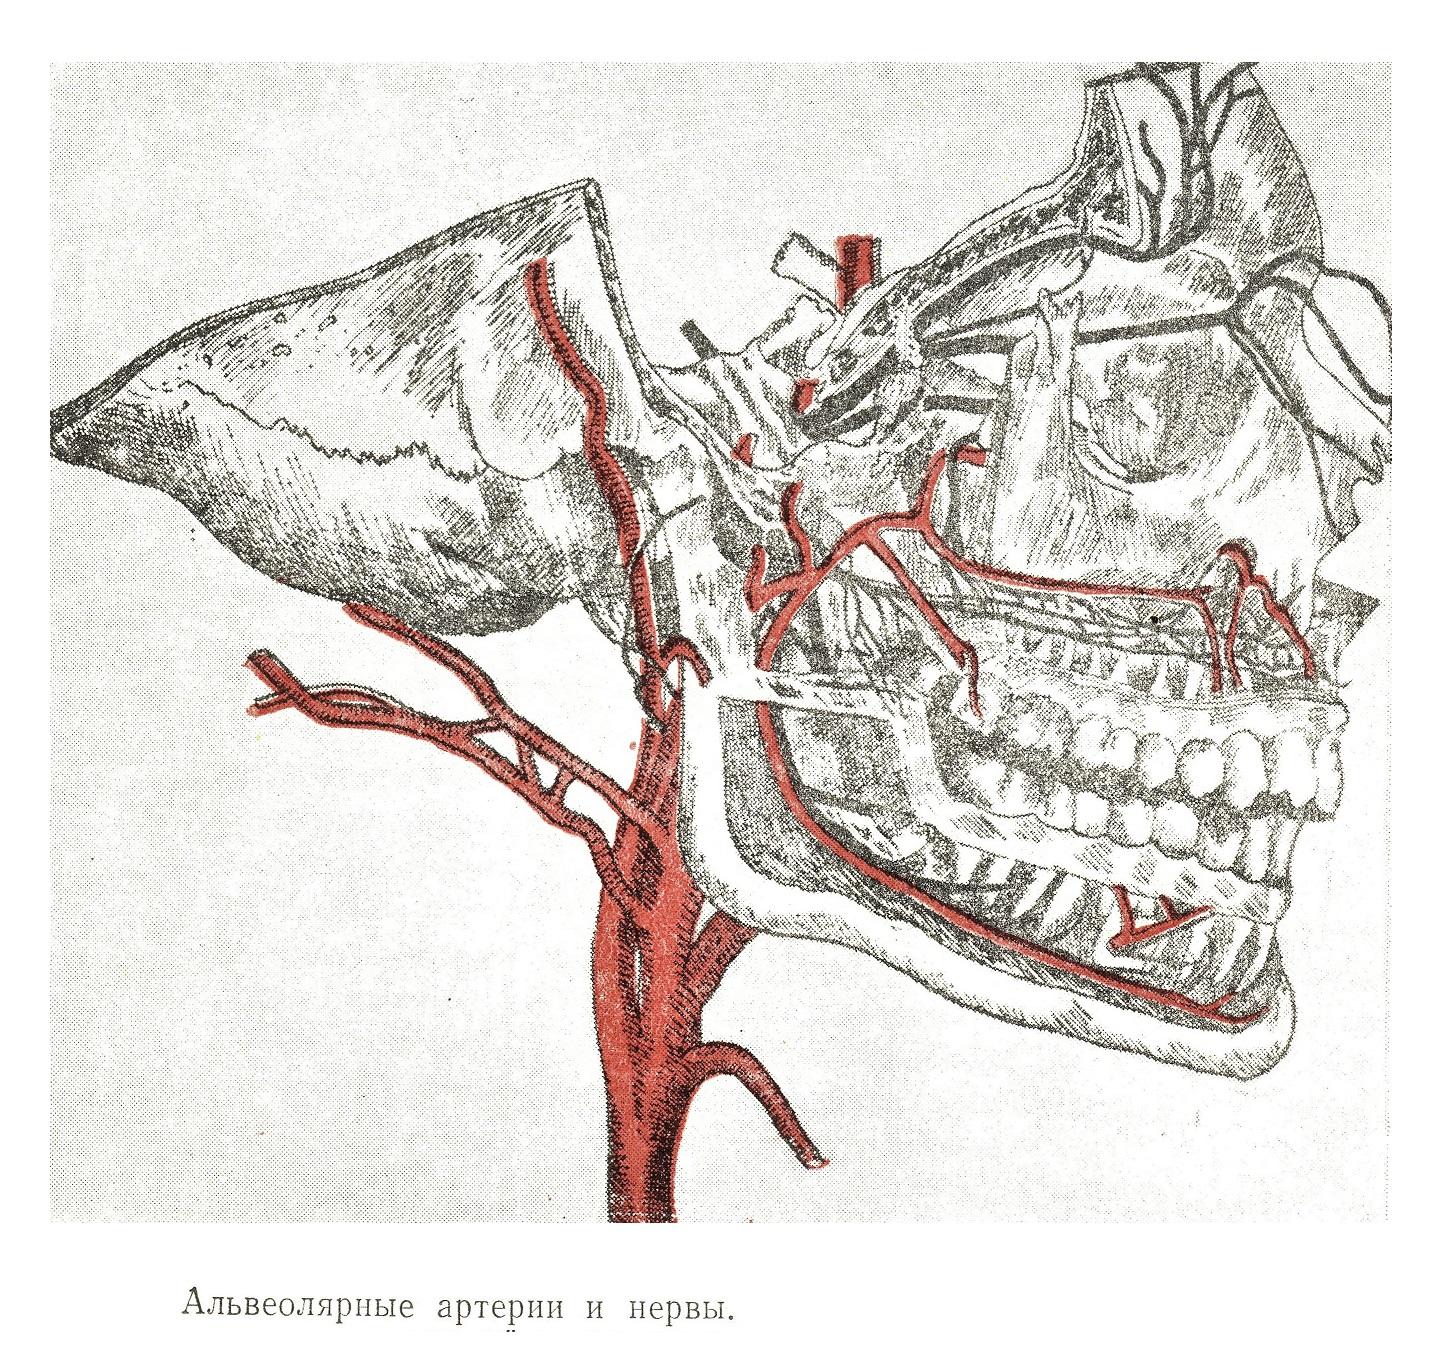 Альвеолярные артерии и нервы